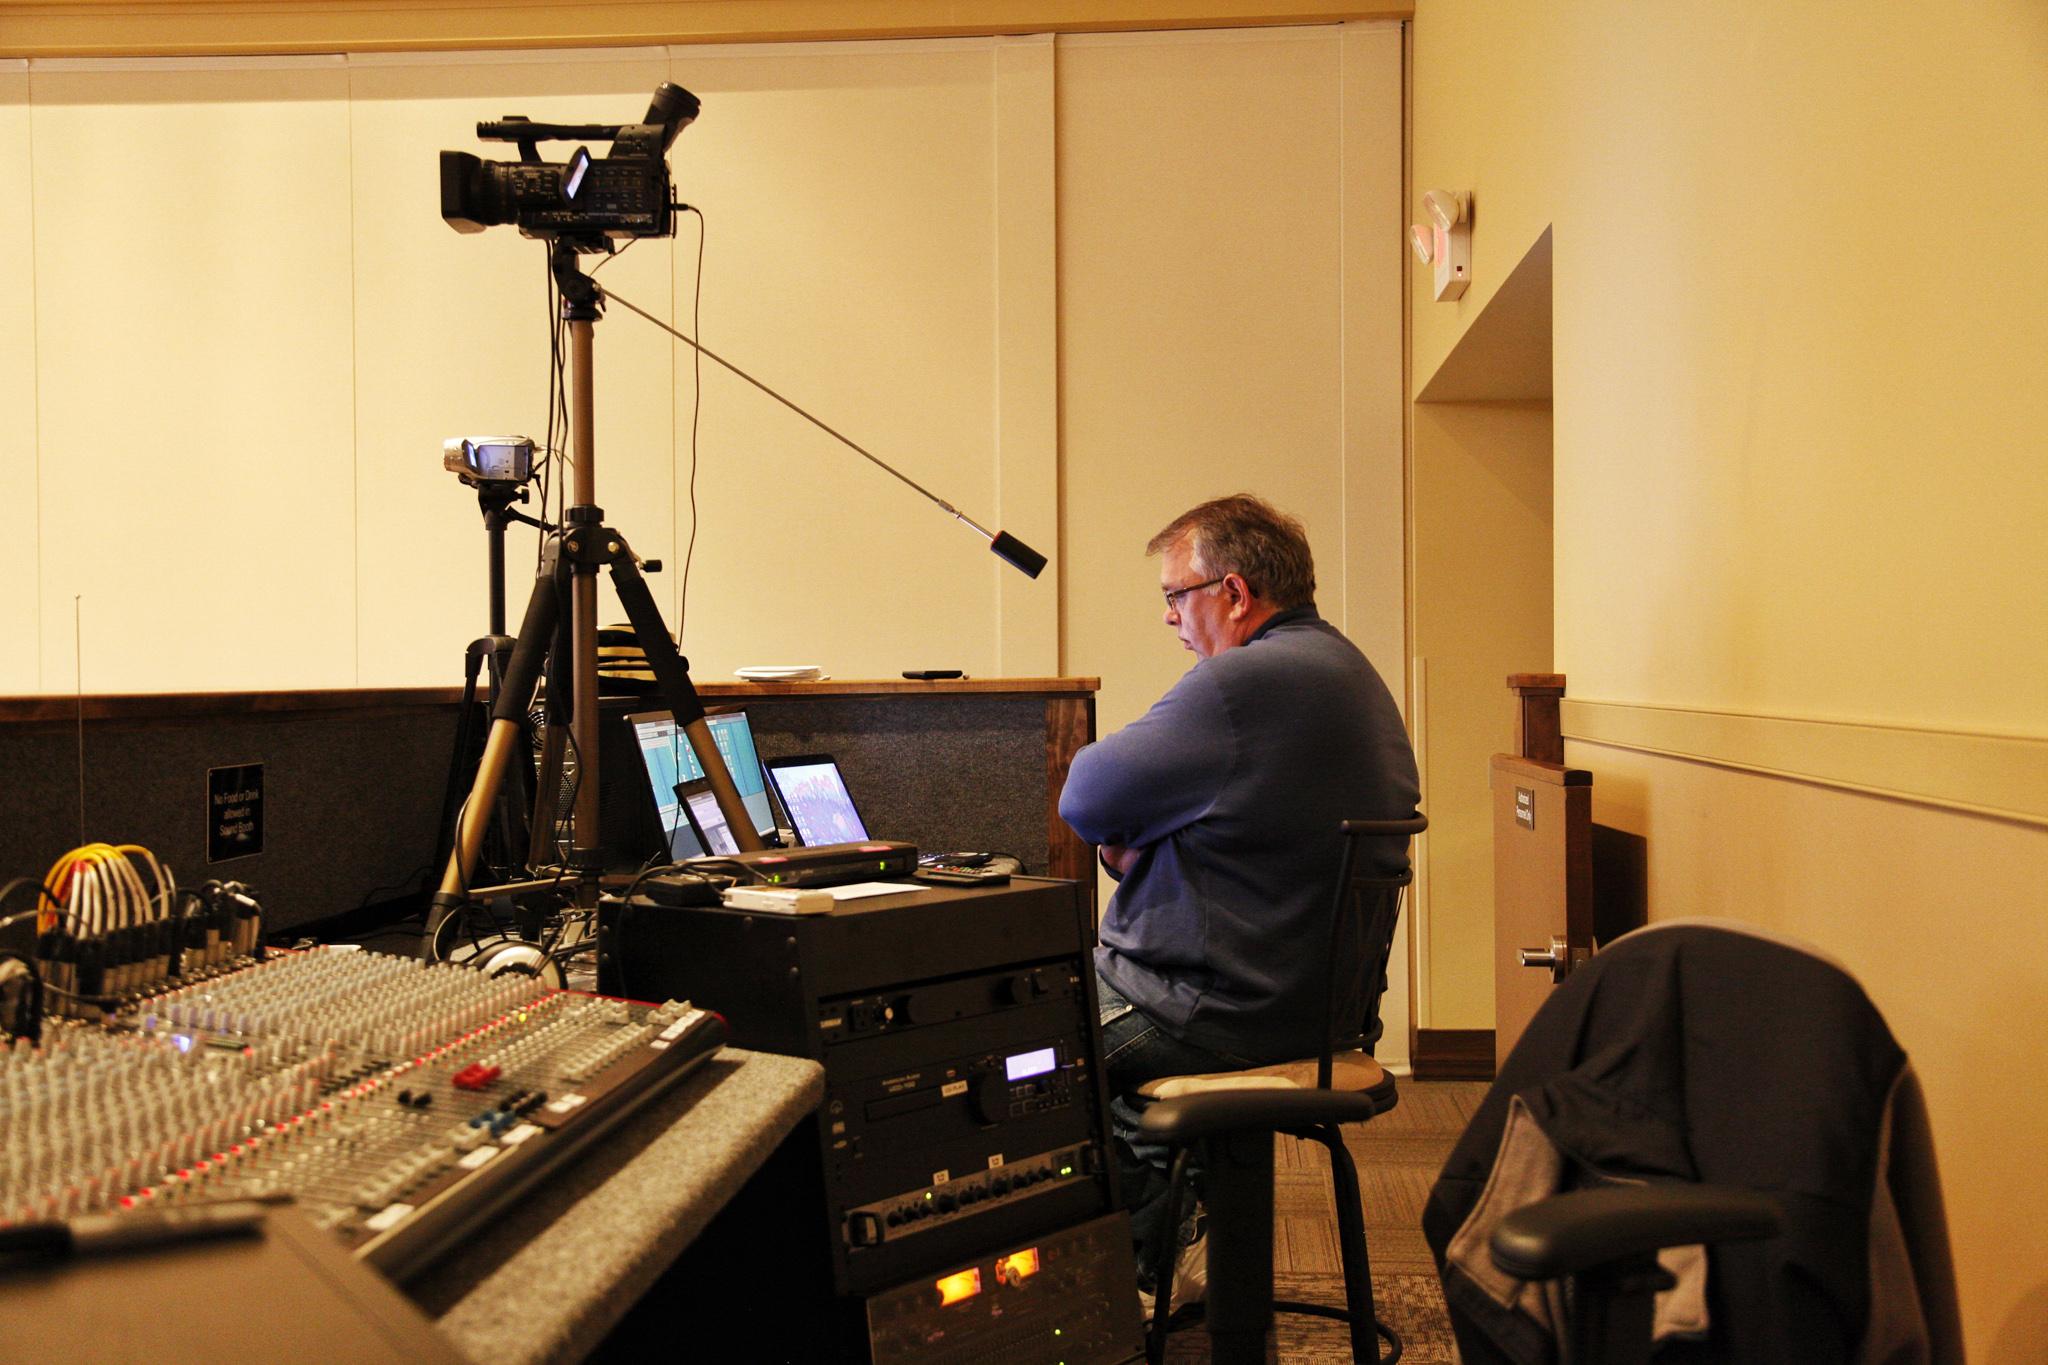 Our videographer, Sylvan Creech